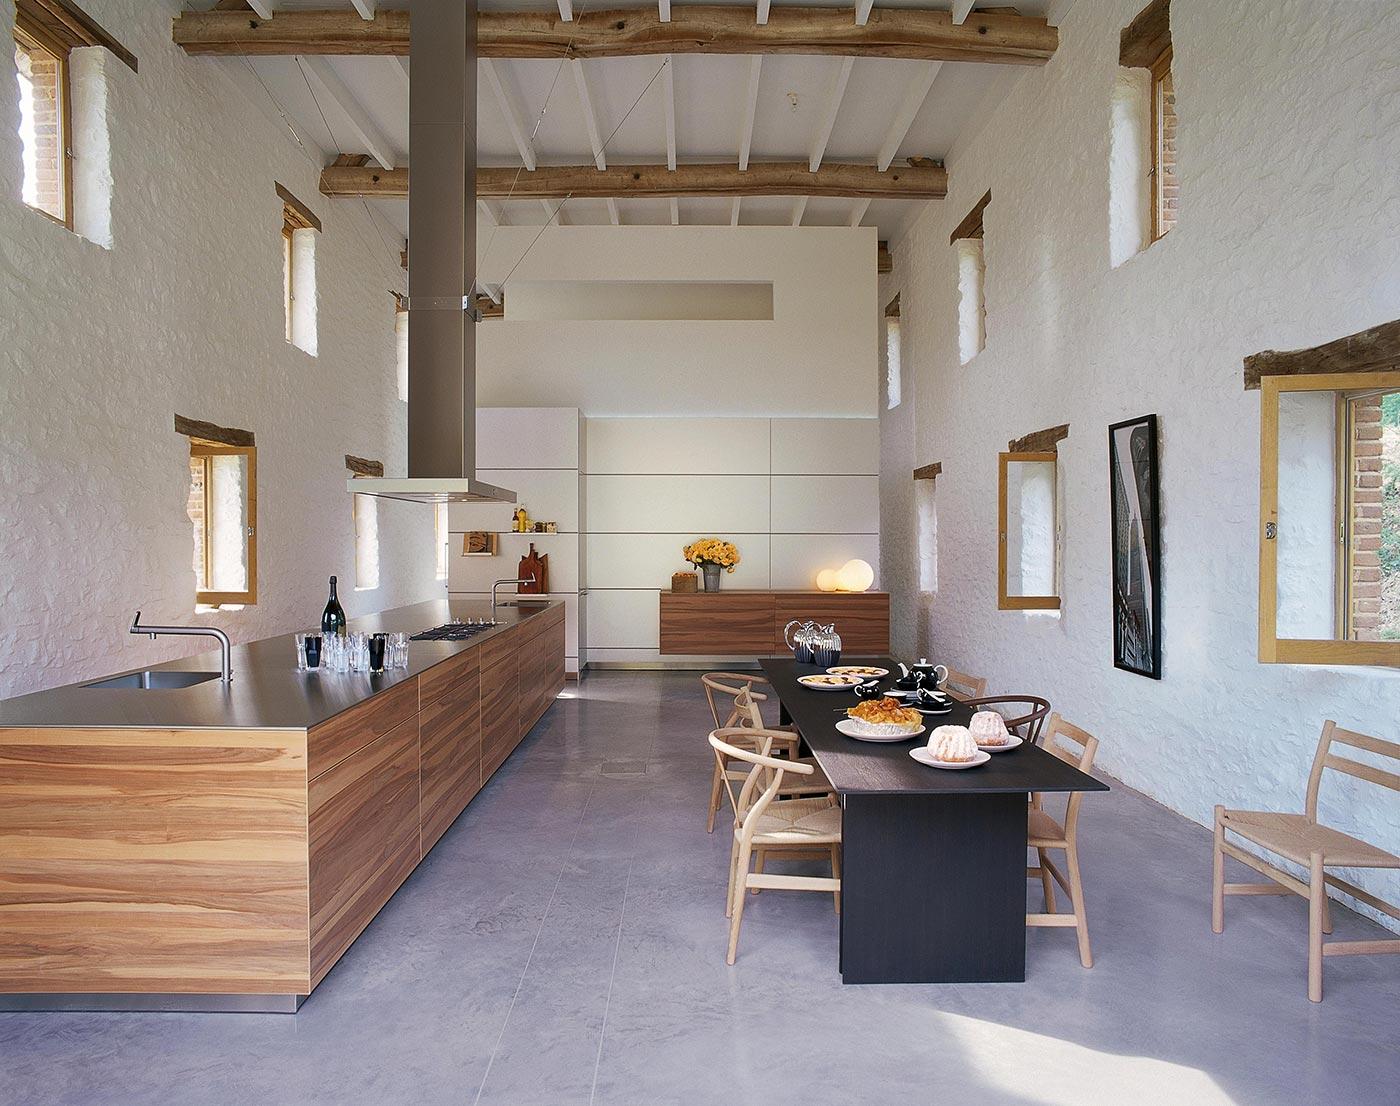 Obegi Home Bulthaup Kitchens D1 00